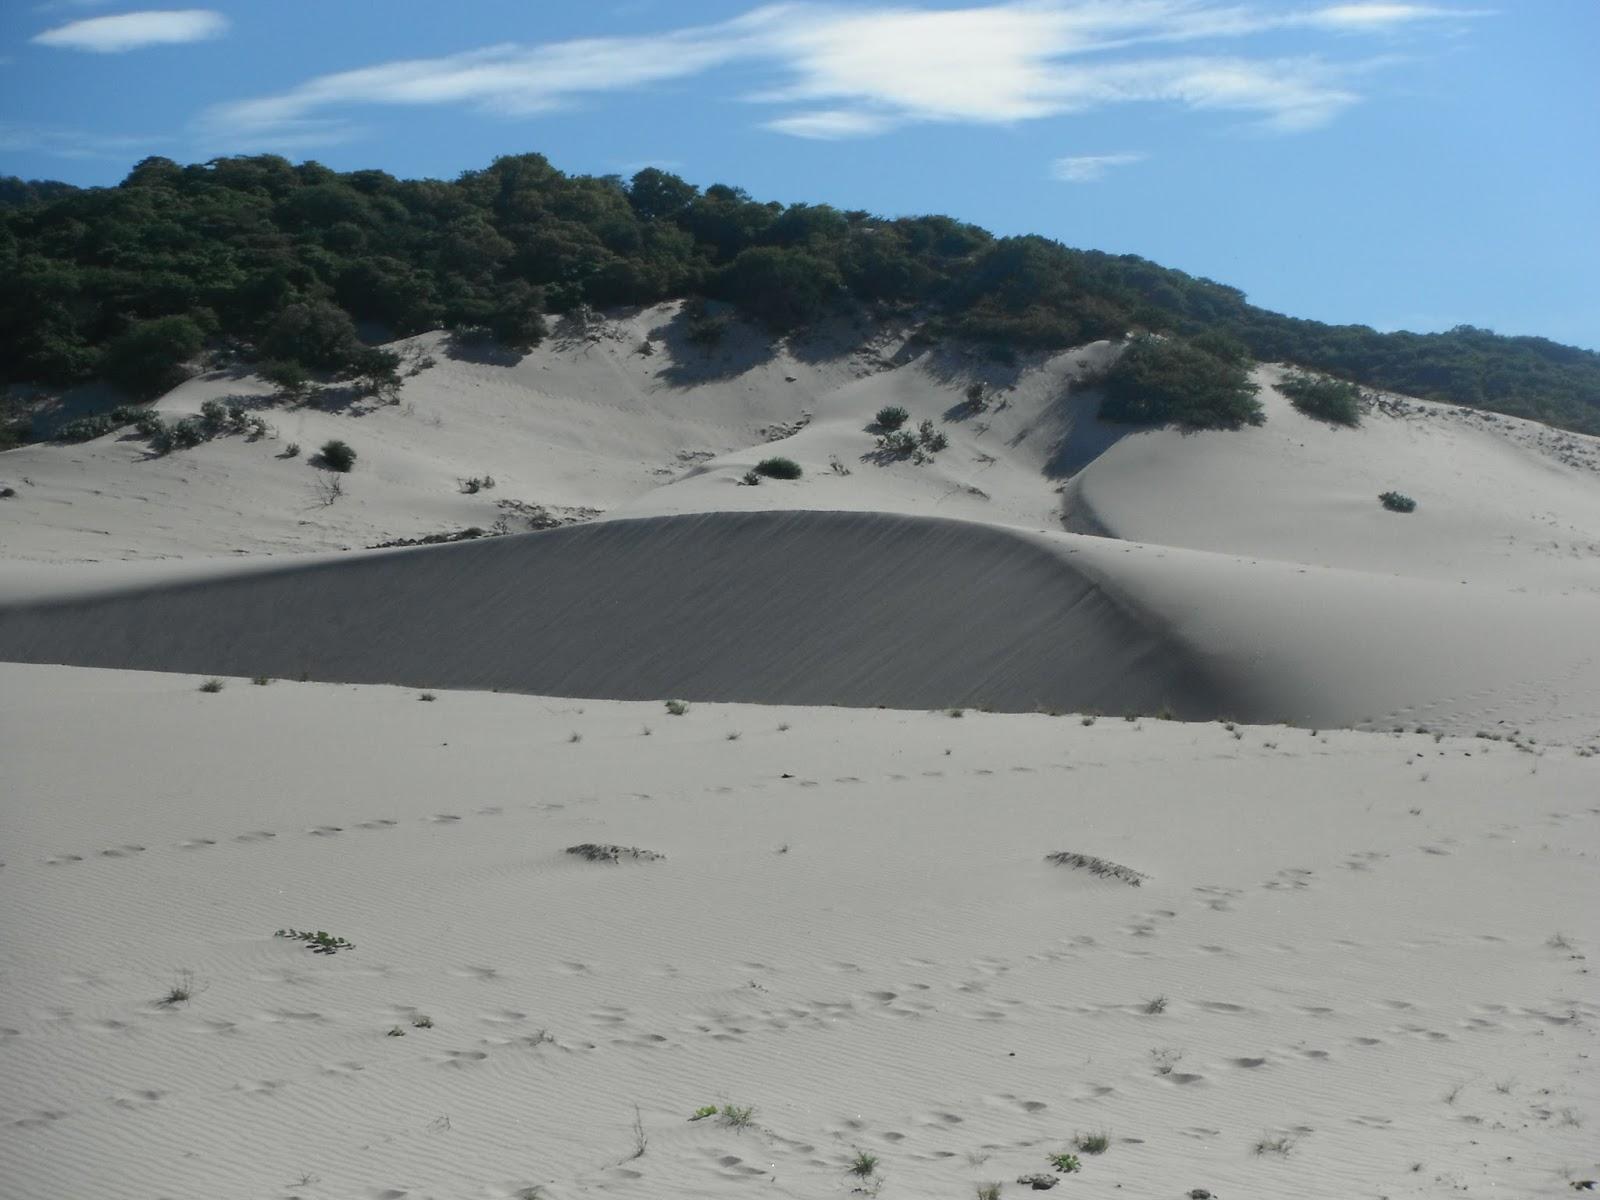 Ecoturismo m xico las dunas playa la bamba oaxaca for En zacatecas hay playa